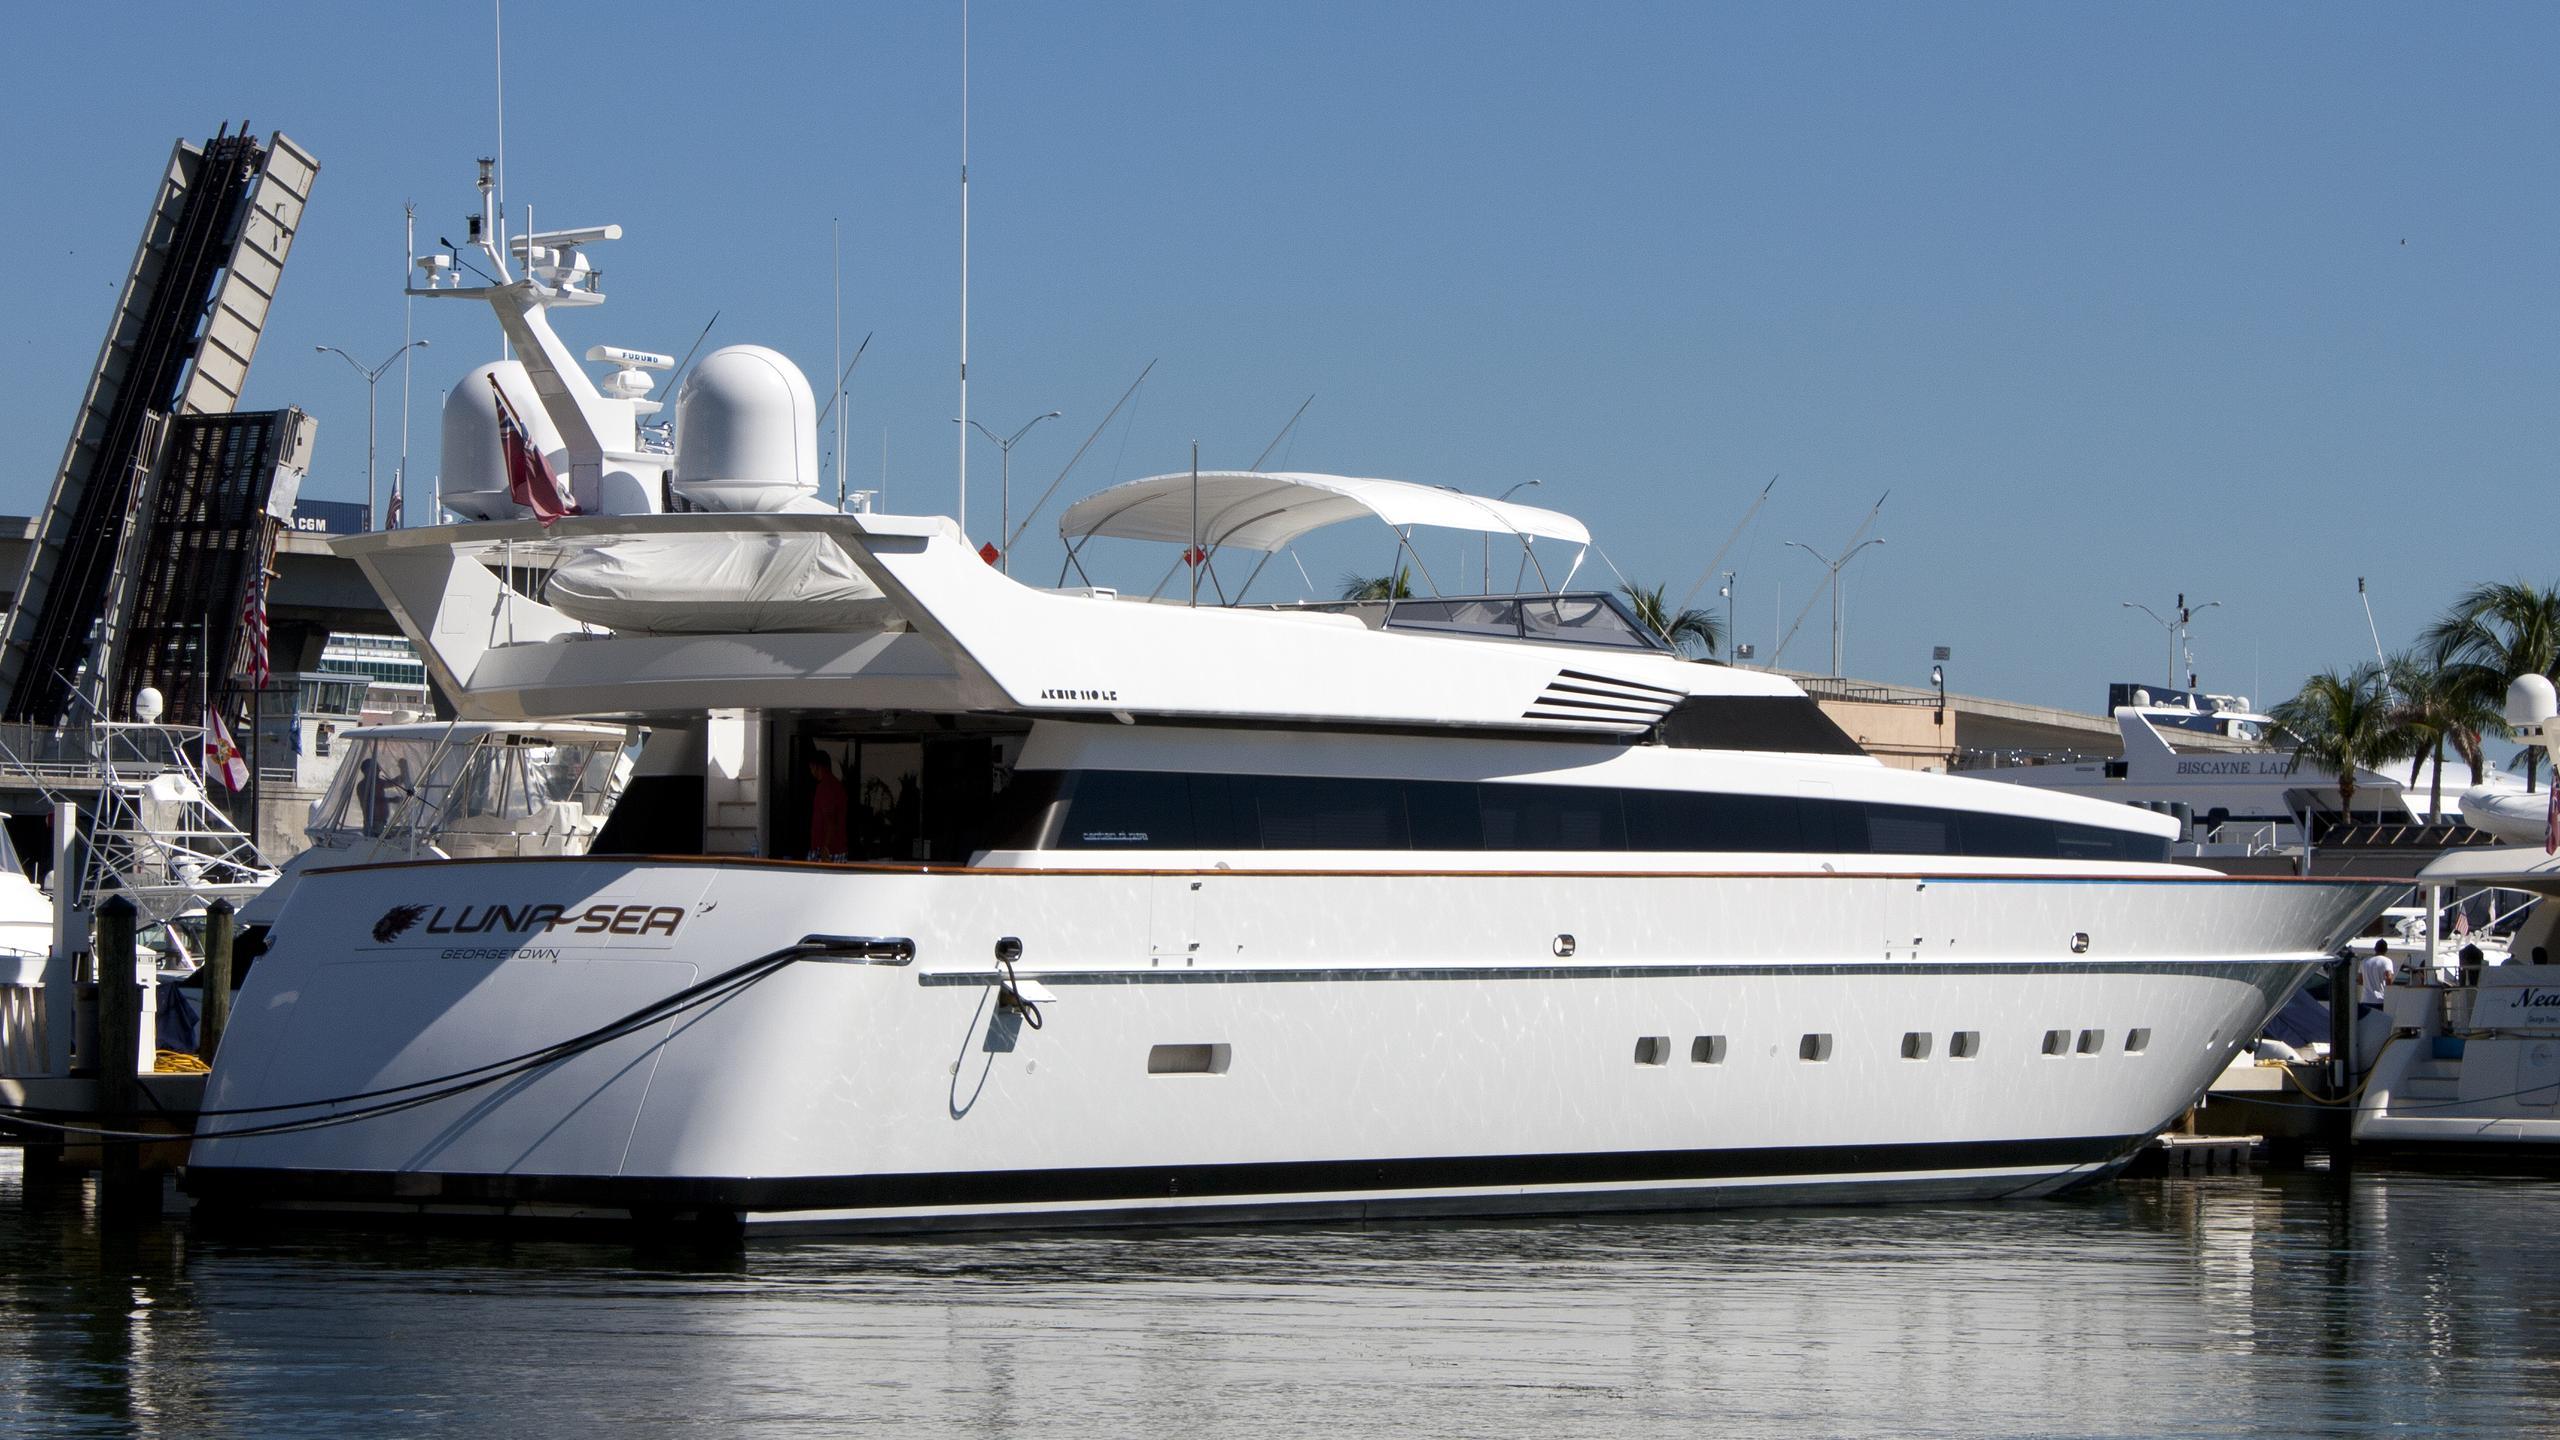 lunasea-motor-yacht-cantieri-di-pisa-20000-akhir-34s-34m-moored-half-profile